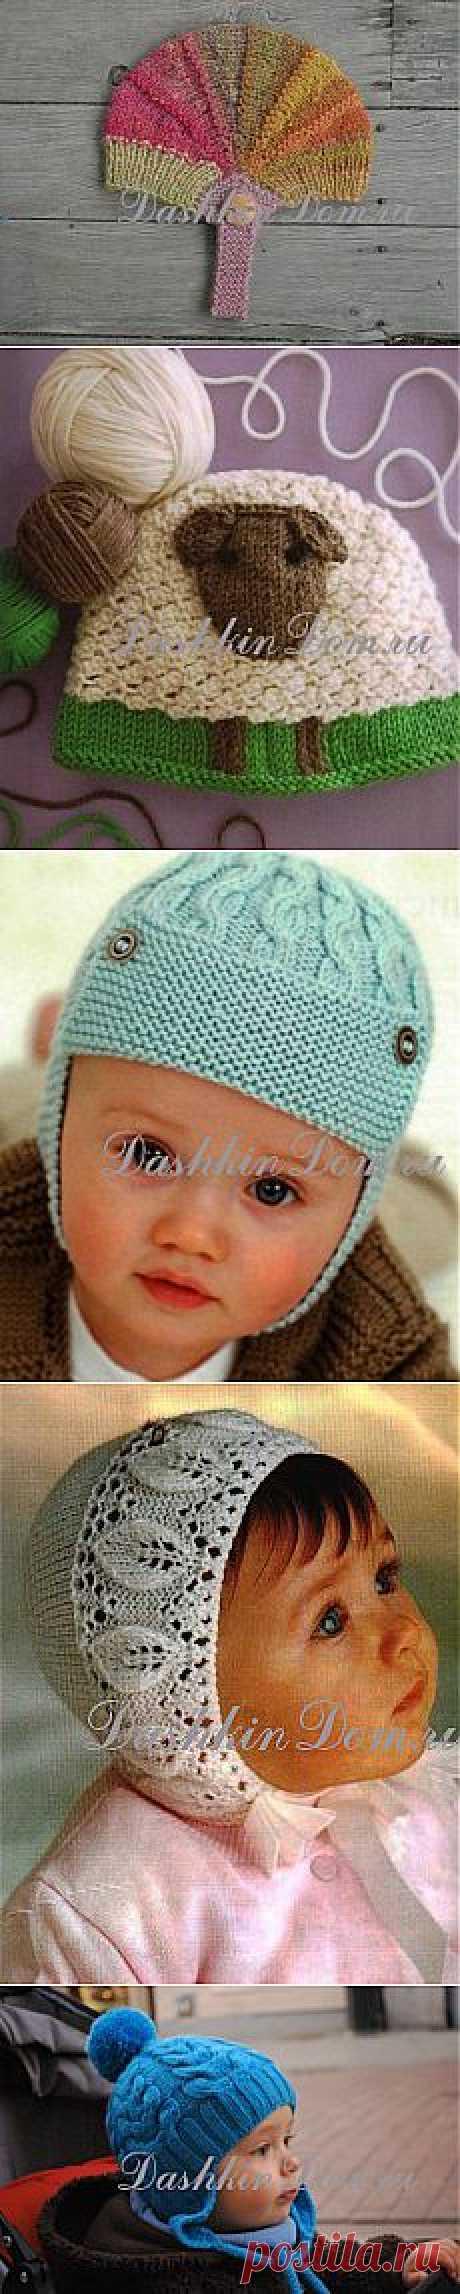 Вязаные шапочки для детей (11 моделей с описанием) | Дашкин Дом